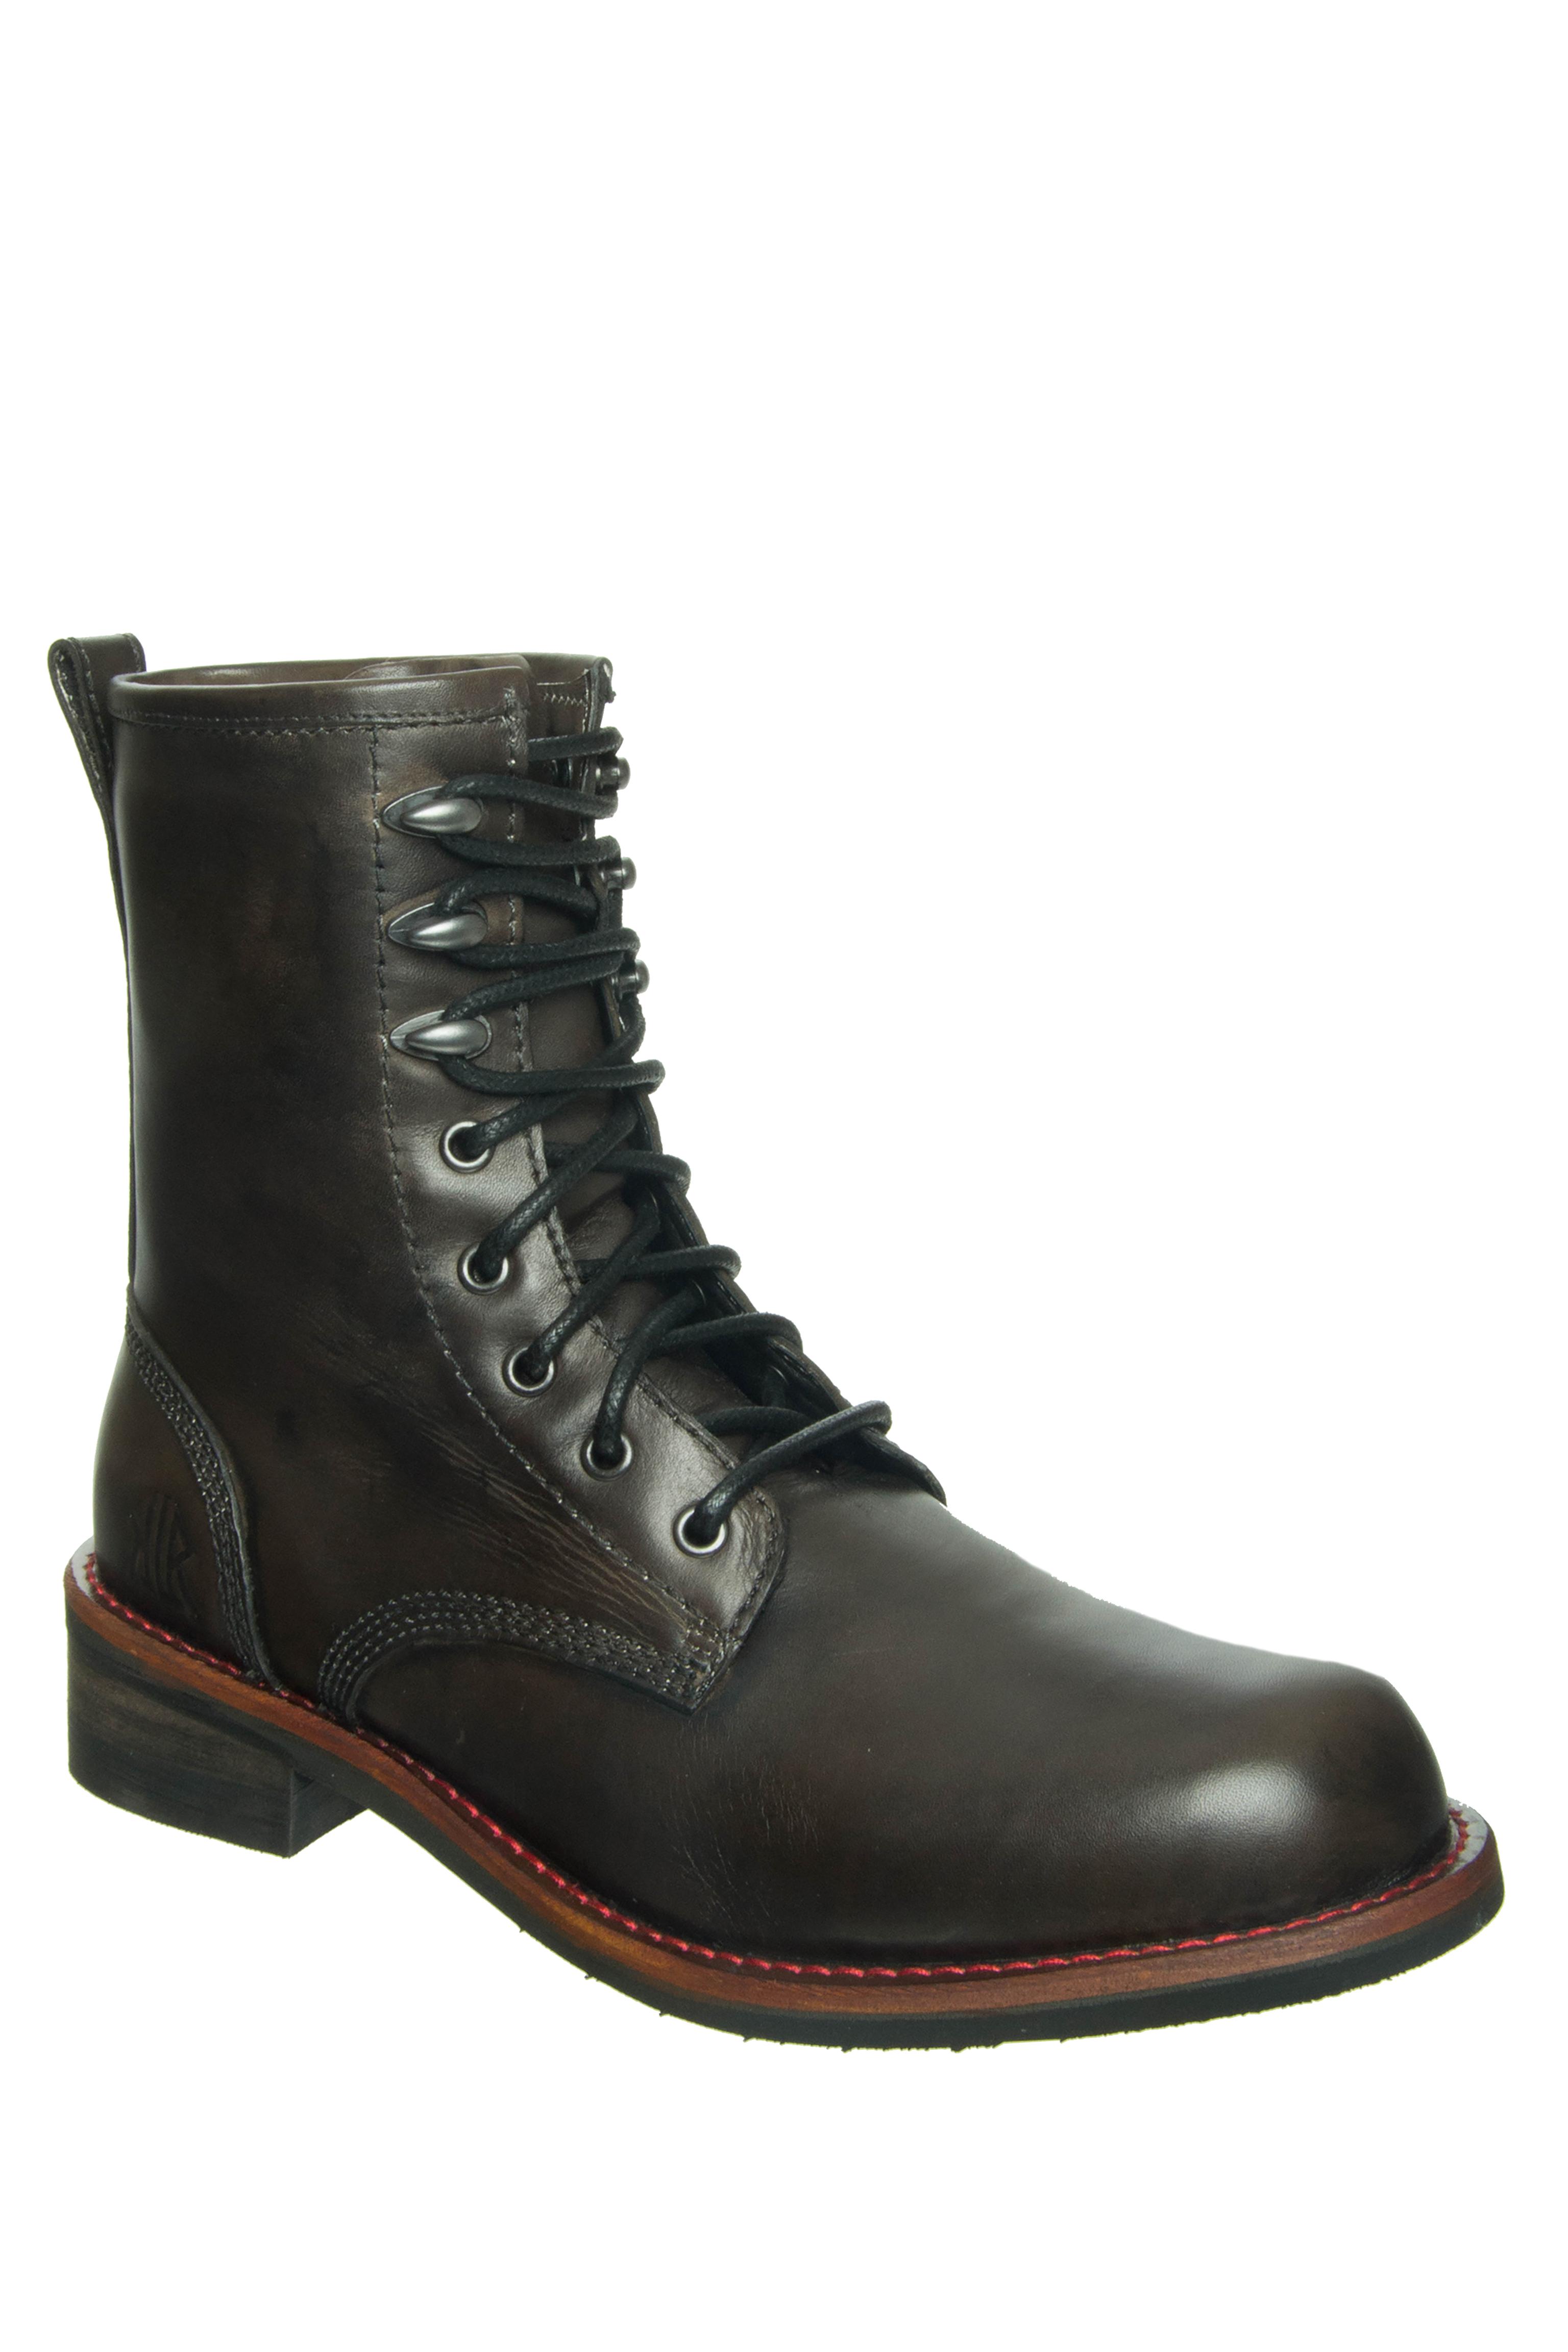 KLR Men's Pat Lace-Up Boots - Grey